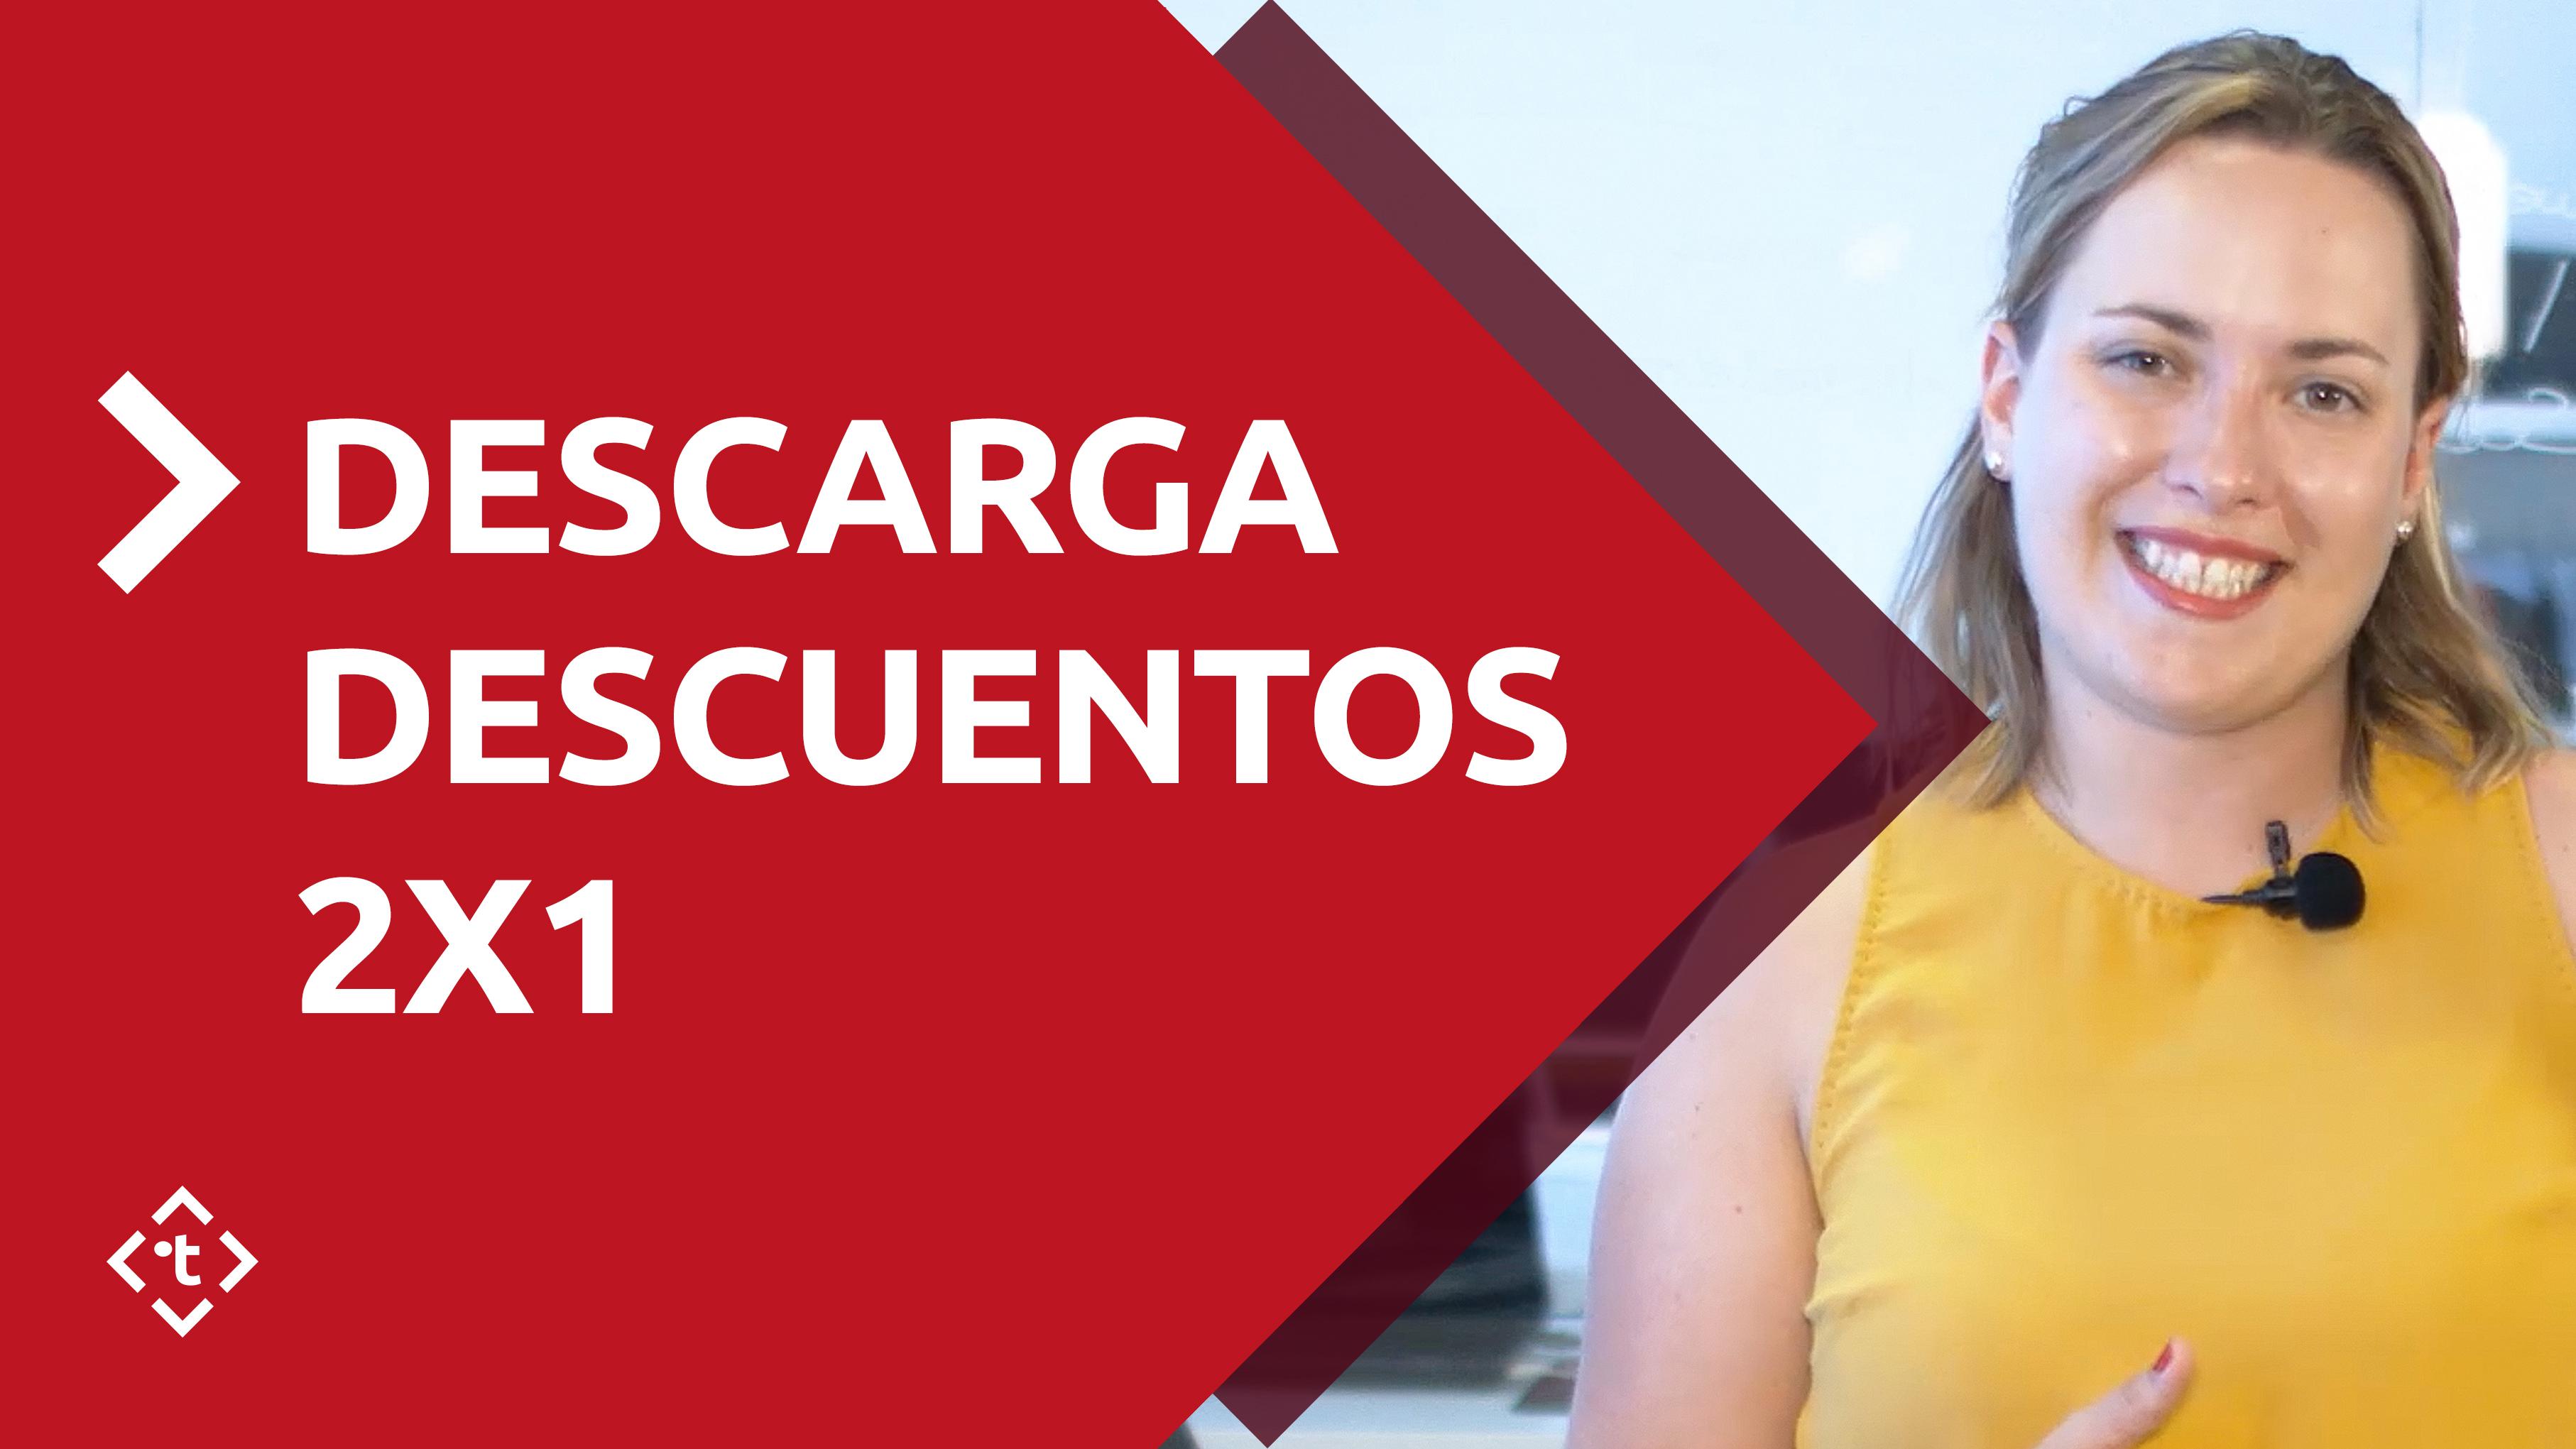 DESCARGA DESCUENTOS 2X1